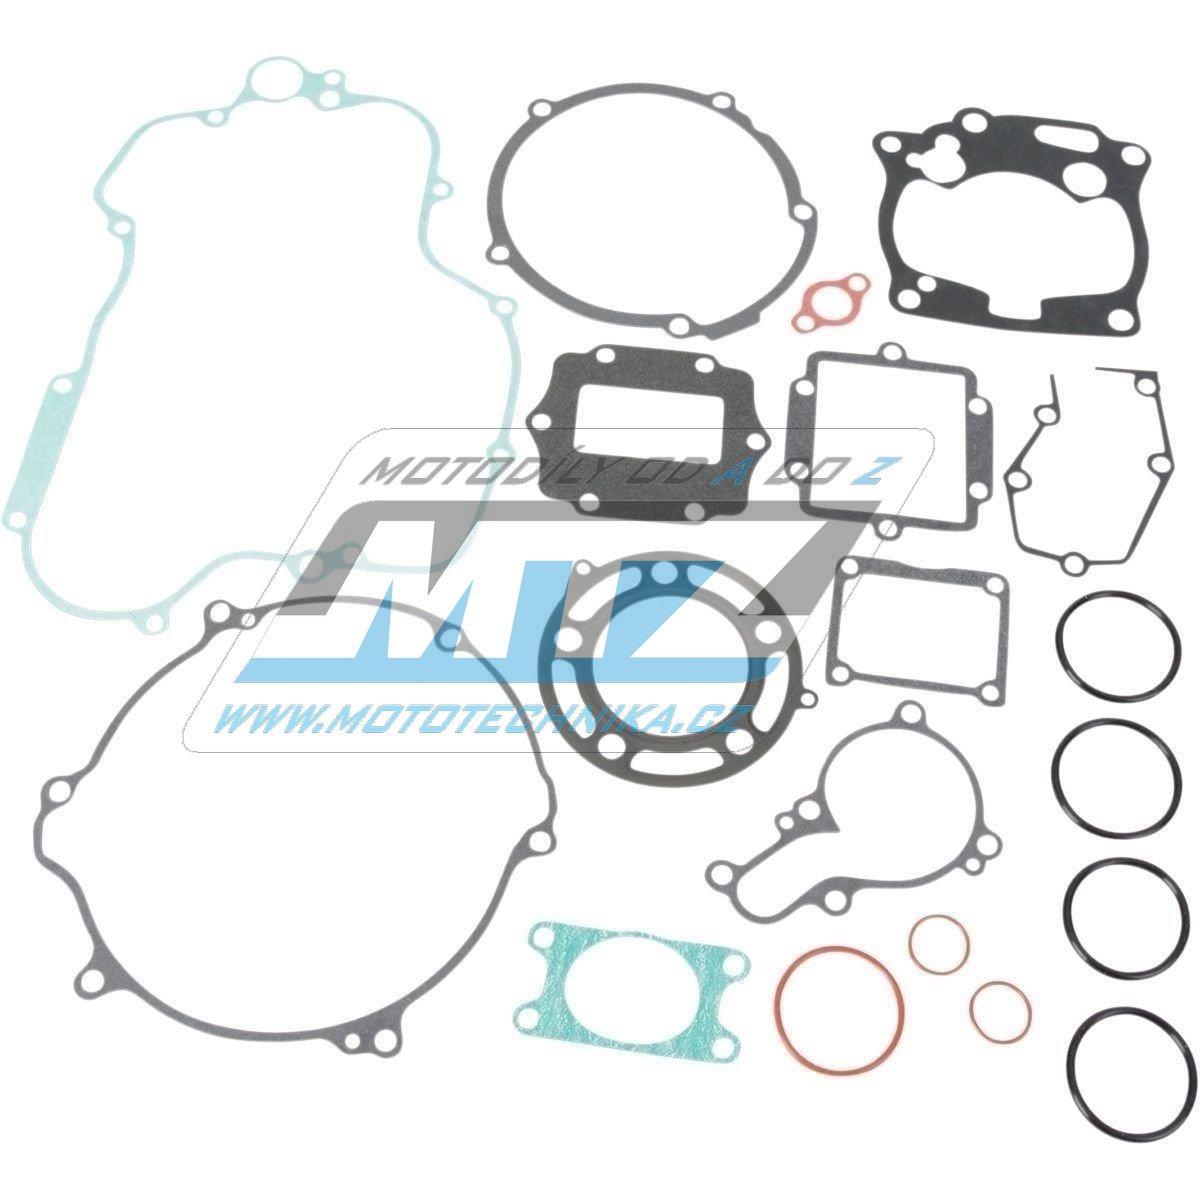 Těsnění kompletní motor Kawasaki KX125 / 01-02